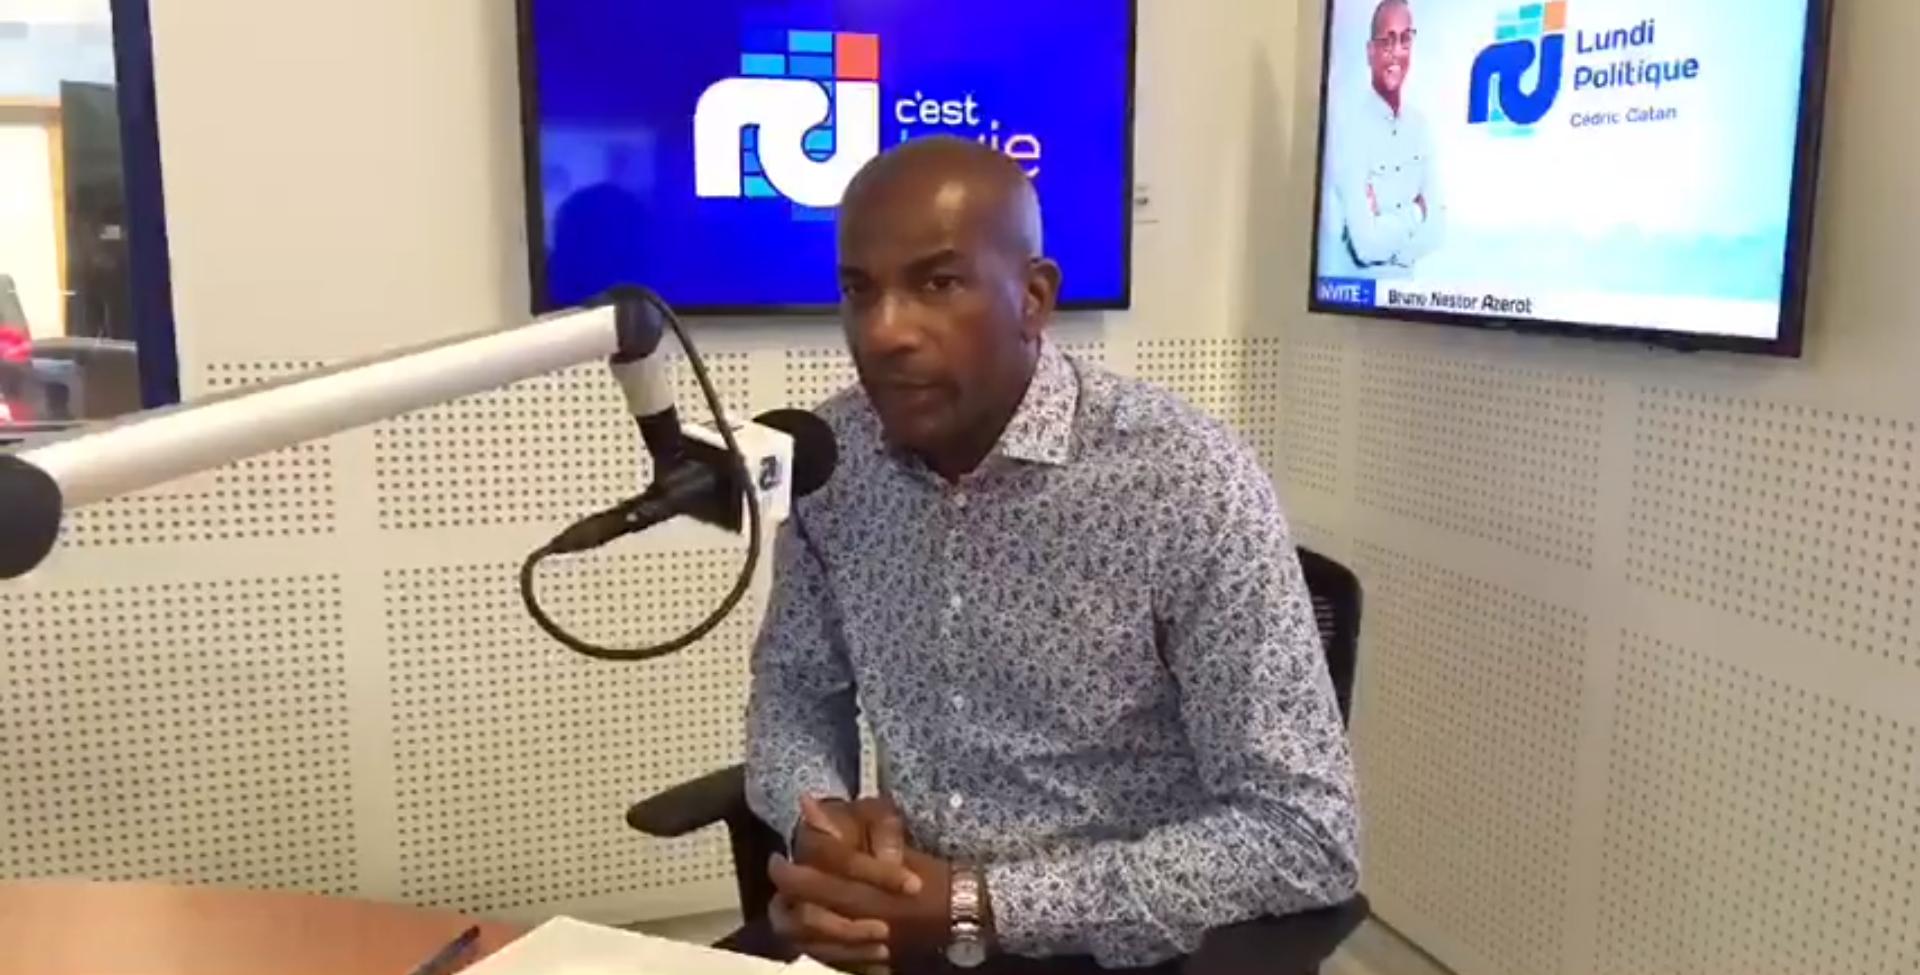 """[LIVE] Bruno Nestor Azerot, tête de section du nord pour la liste """"Alians Matinik"""", est l'invité de l'émission Lundi Politique"""